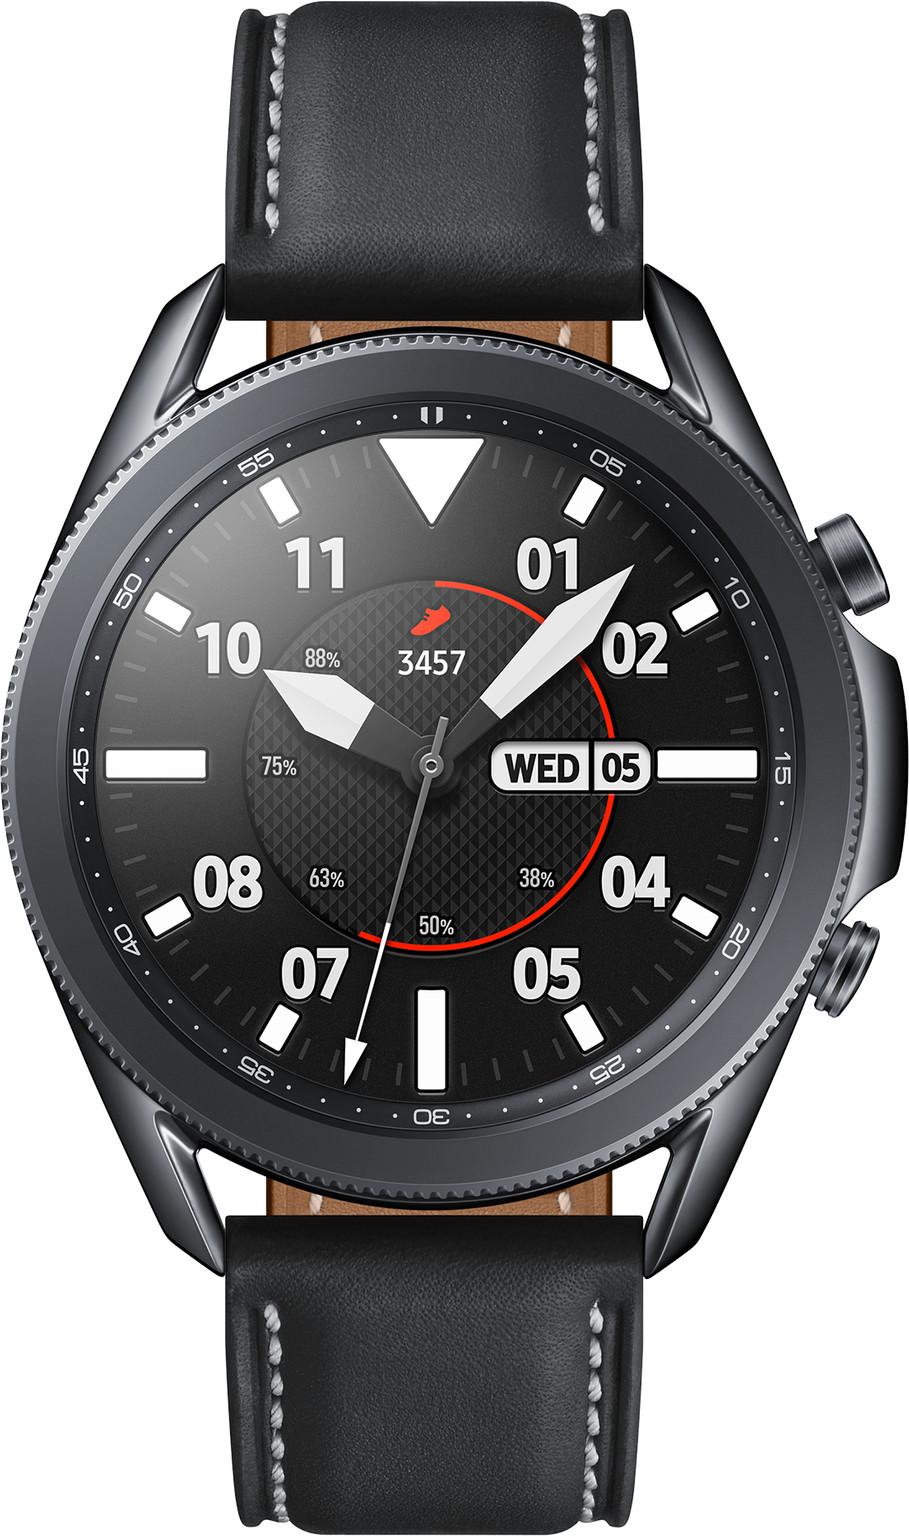 Beste smartwatch Samsung Galaxy Watch3 zwart Smartch